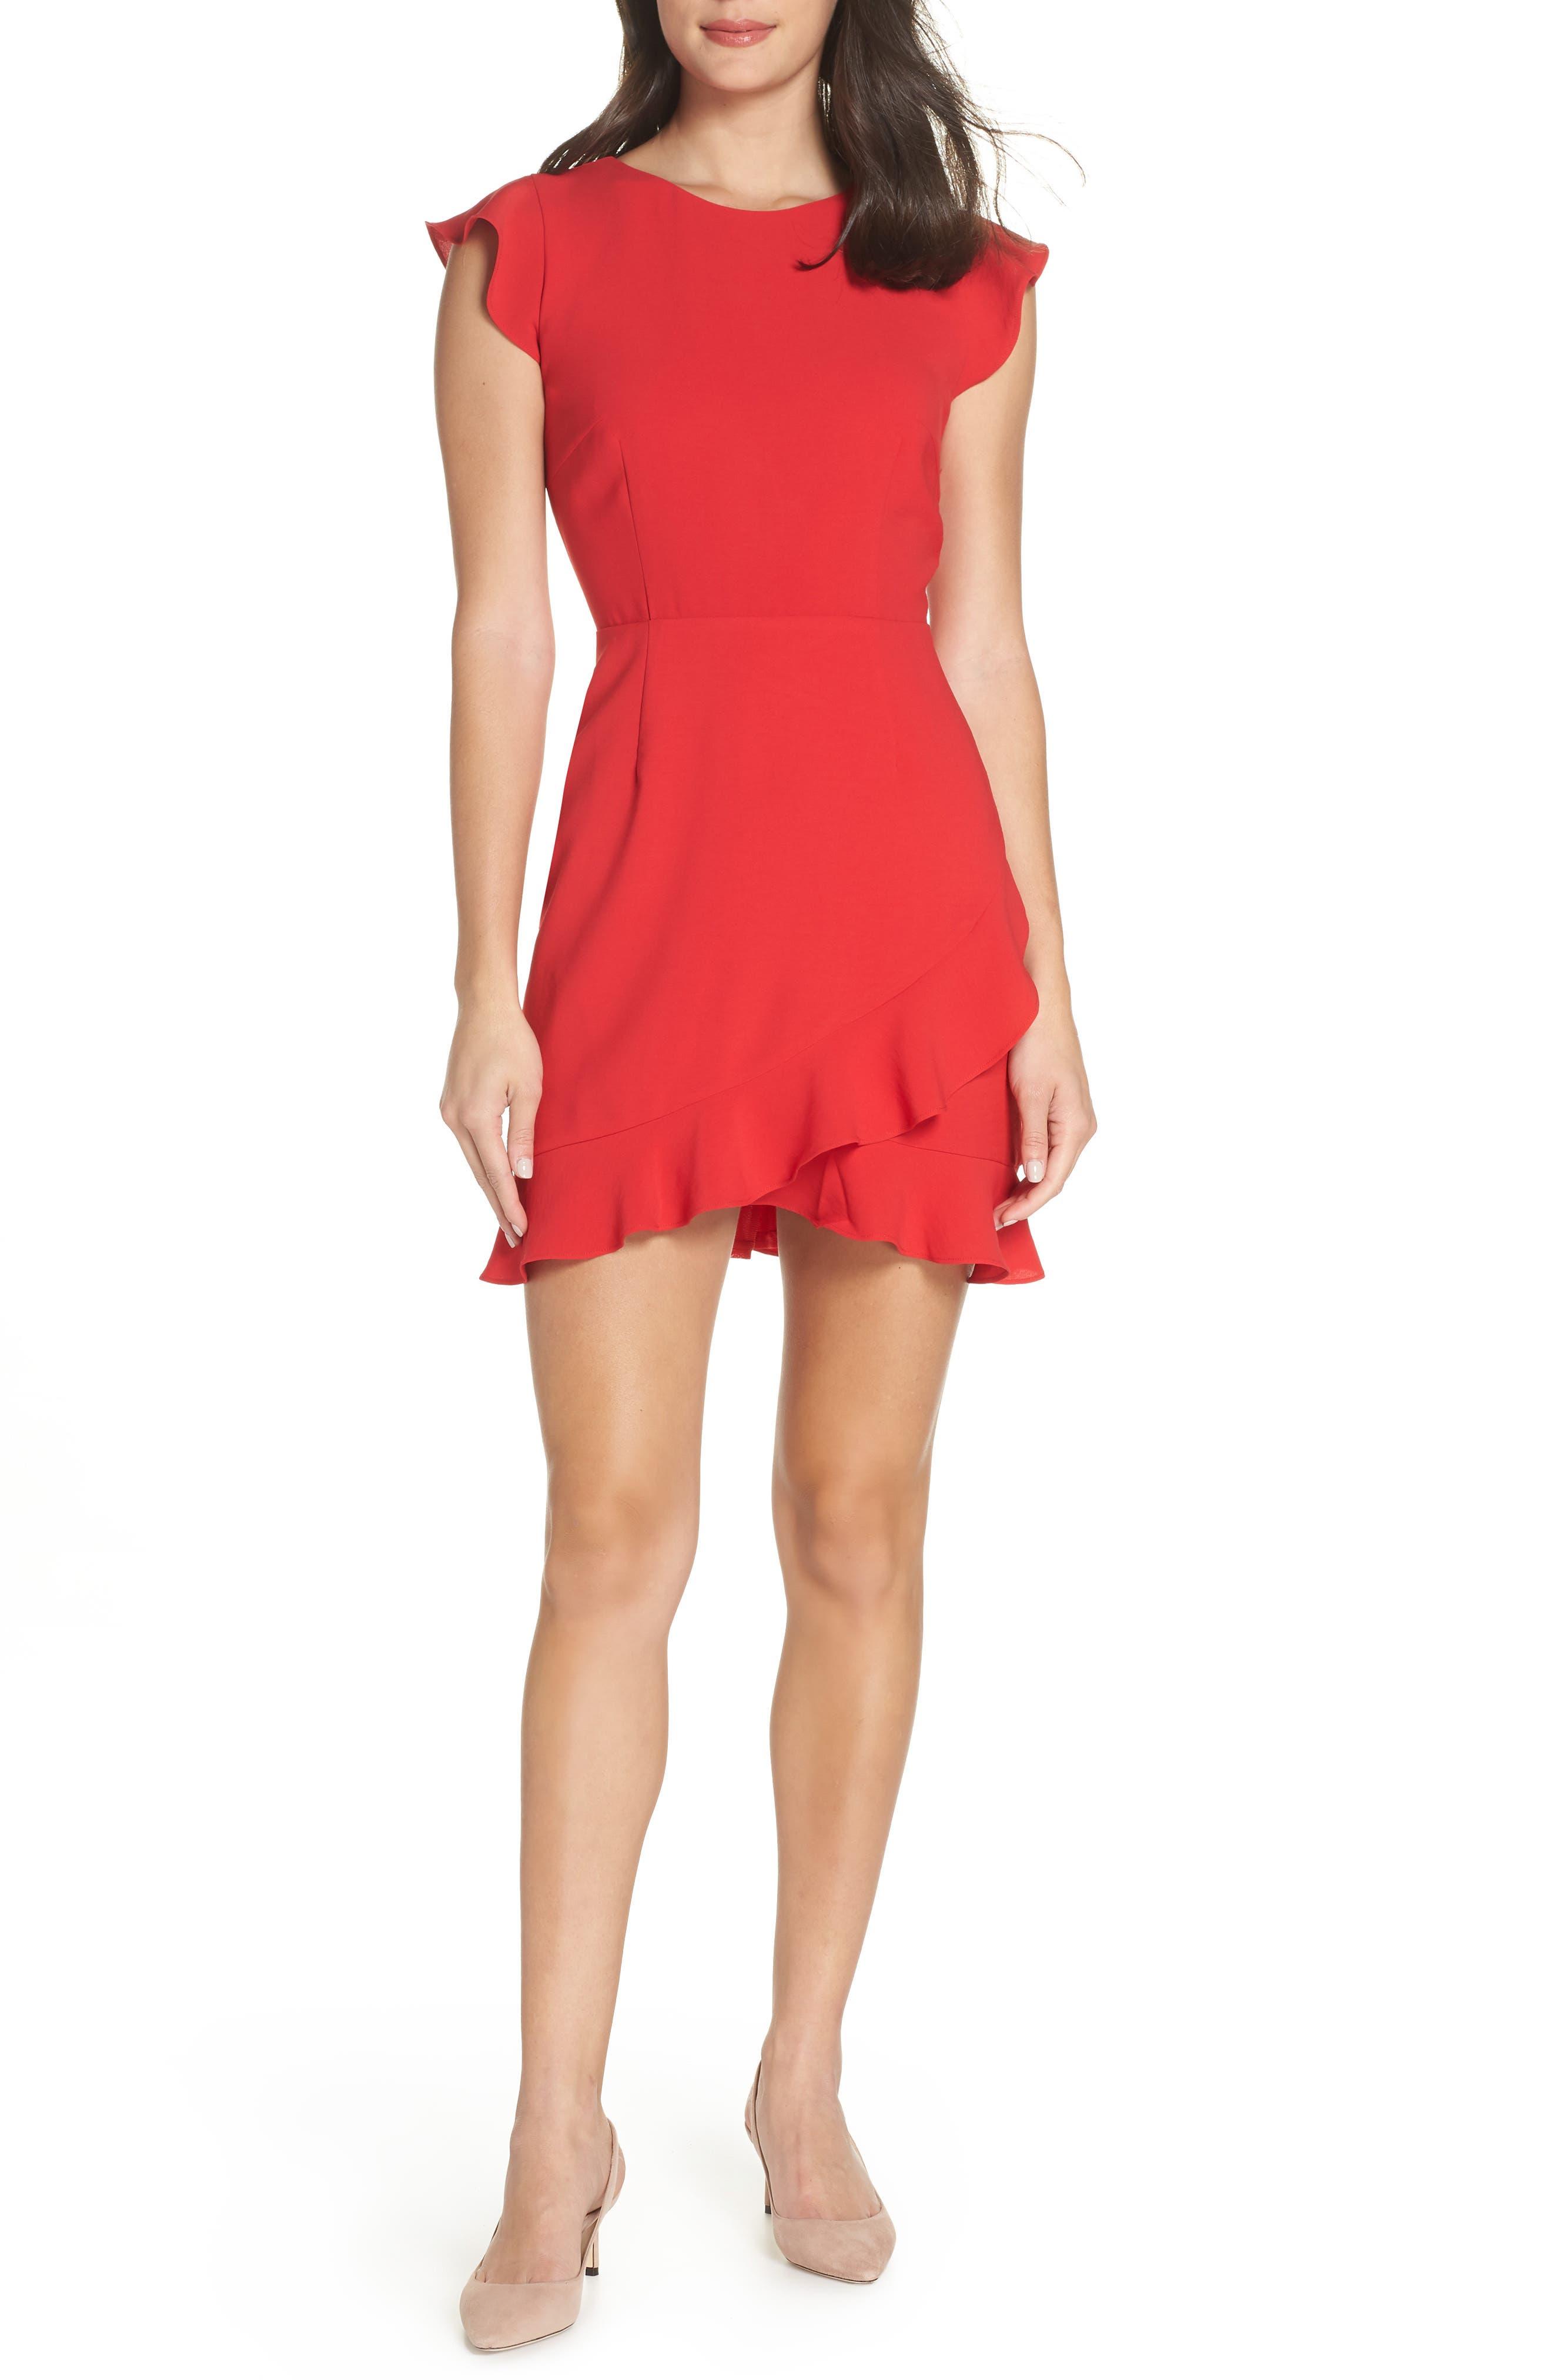 19 COOPER Ruffle Tulip Hem Dress in Red